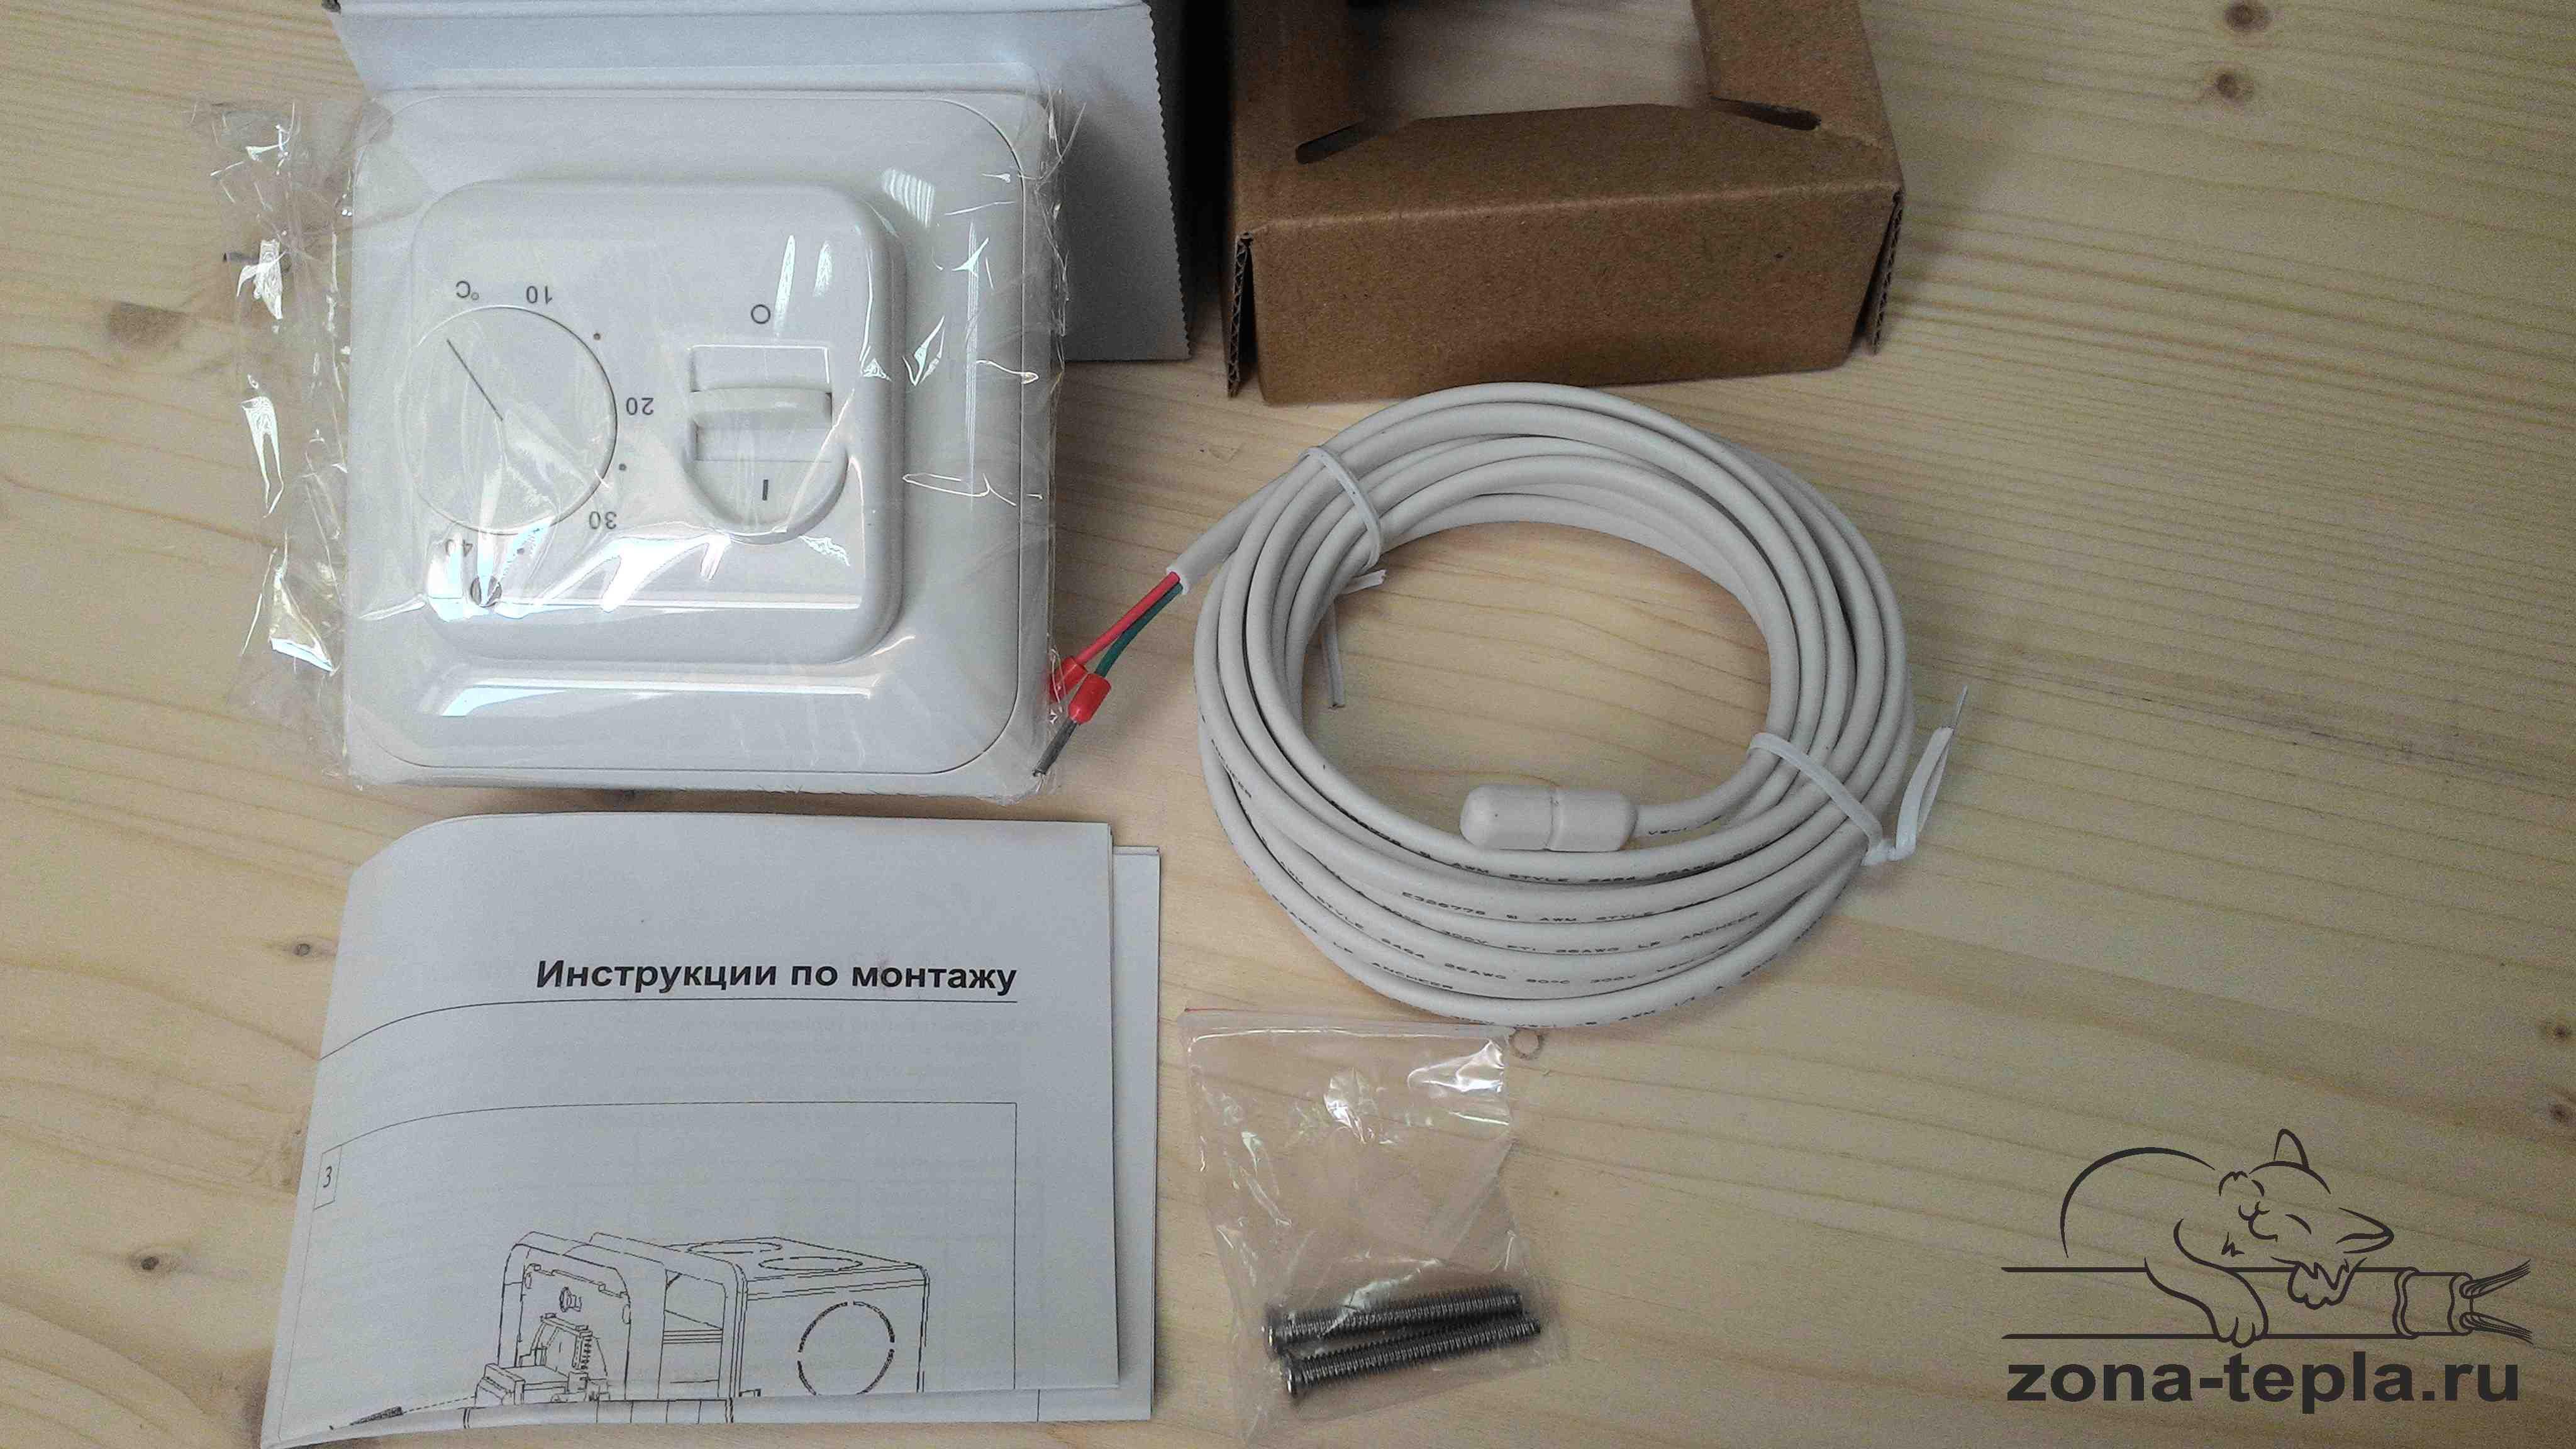 Терморегулятор для теплого пола RTC 70.26 комплект поставки